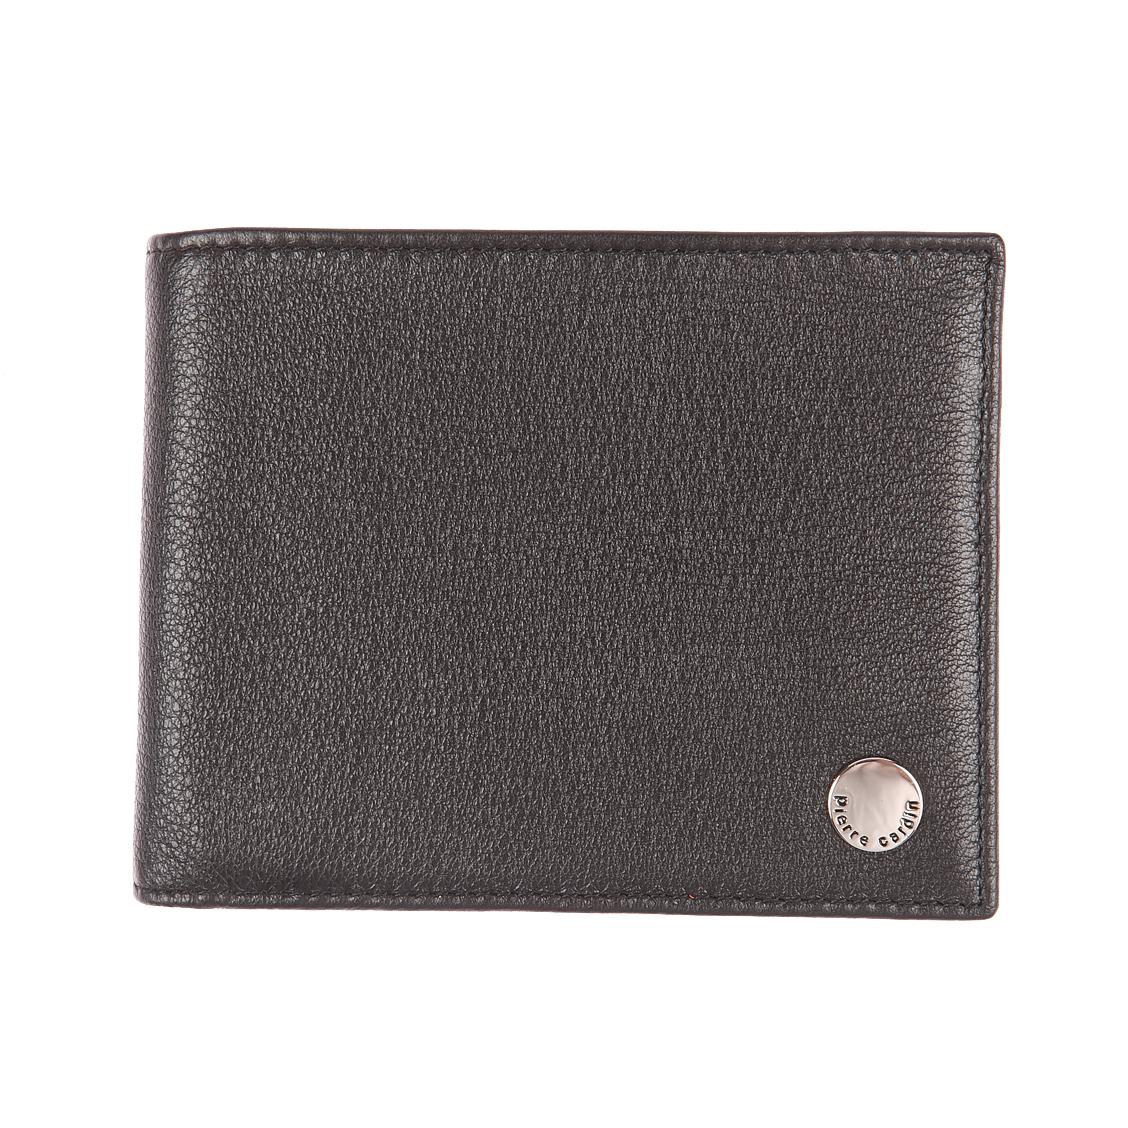 Portefeuille italien 3 volets pierre cardin en cuir grainé noir, porte-monnaie zippé